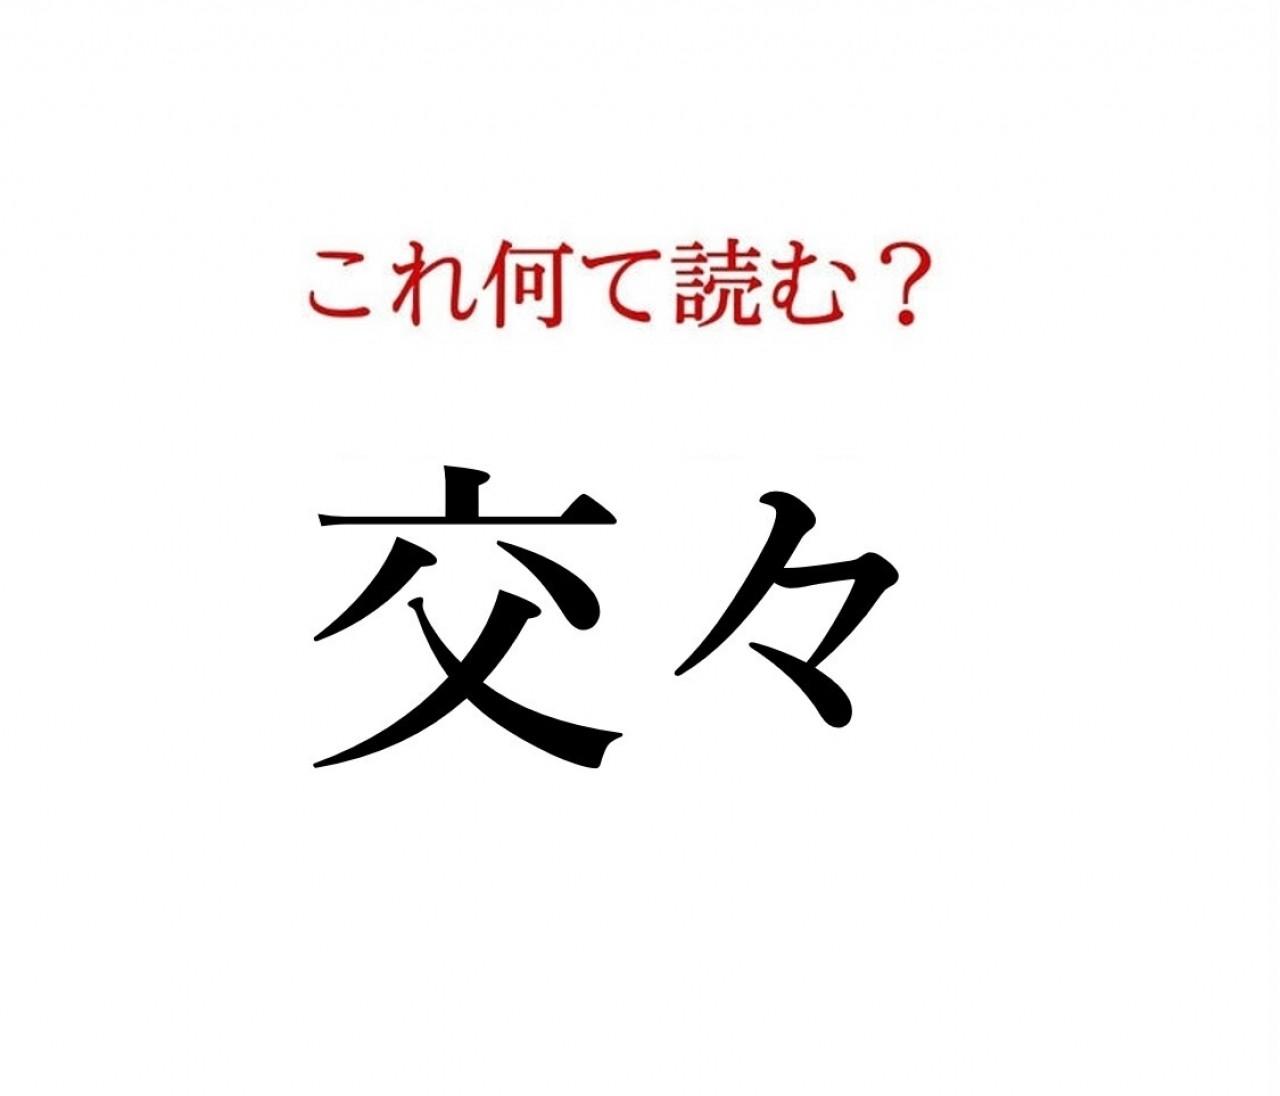 「交々」:この漢字、自信を持って読めますか?【働く大人の漢字クイズvol.312】